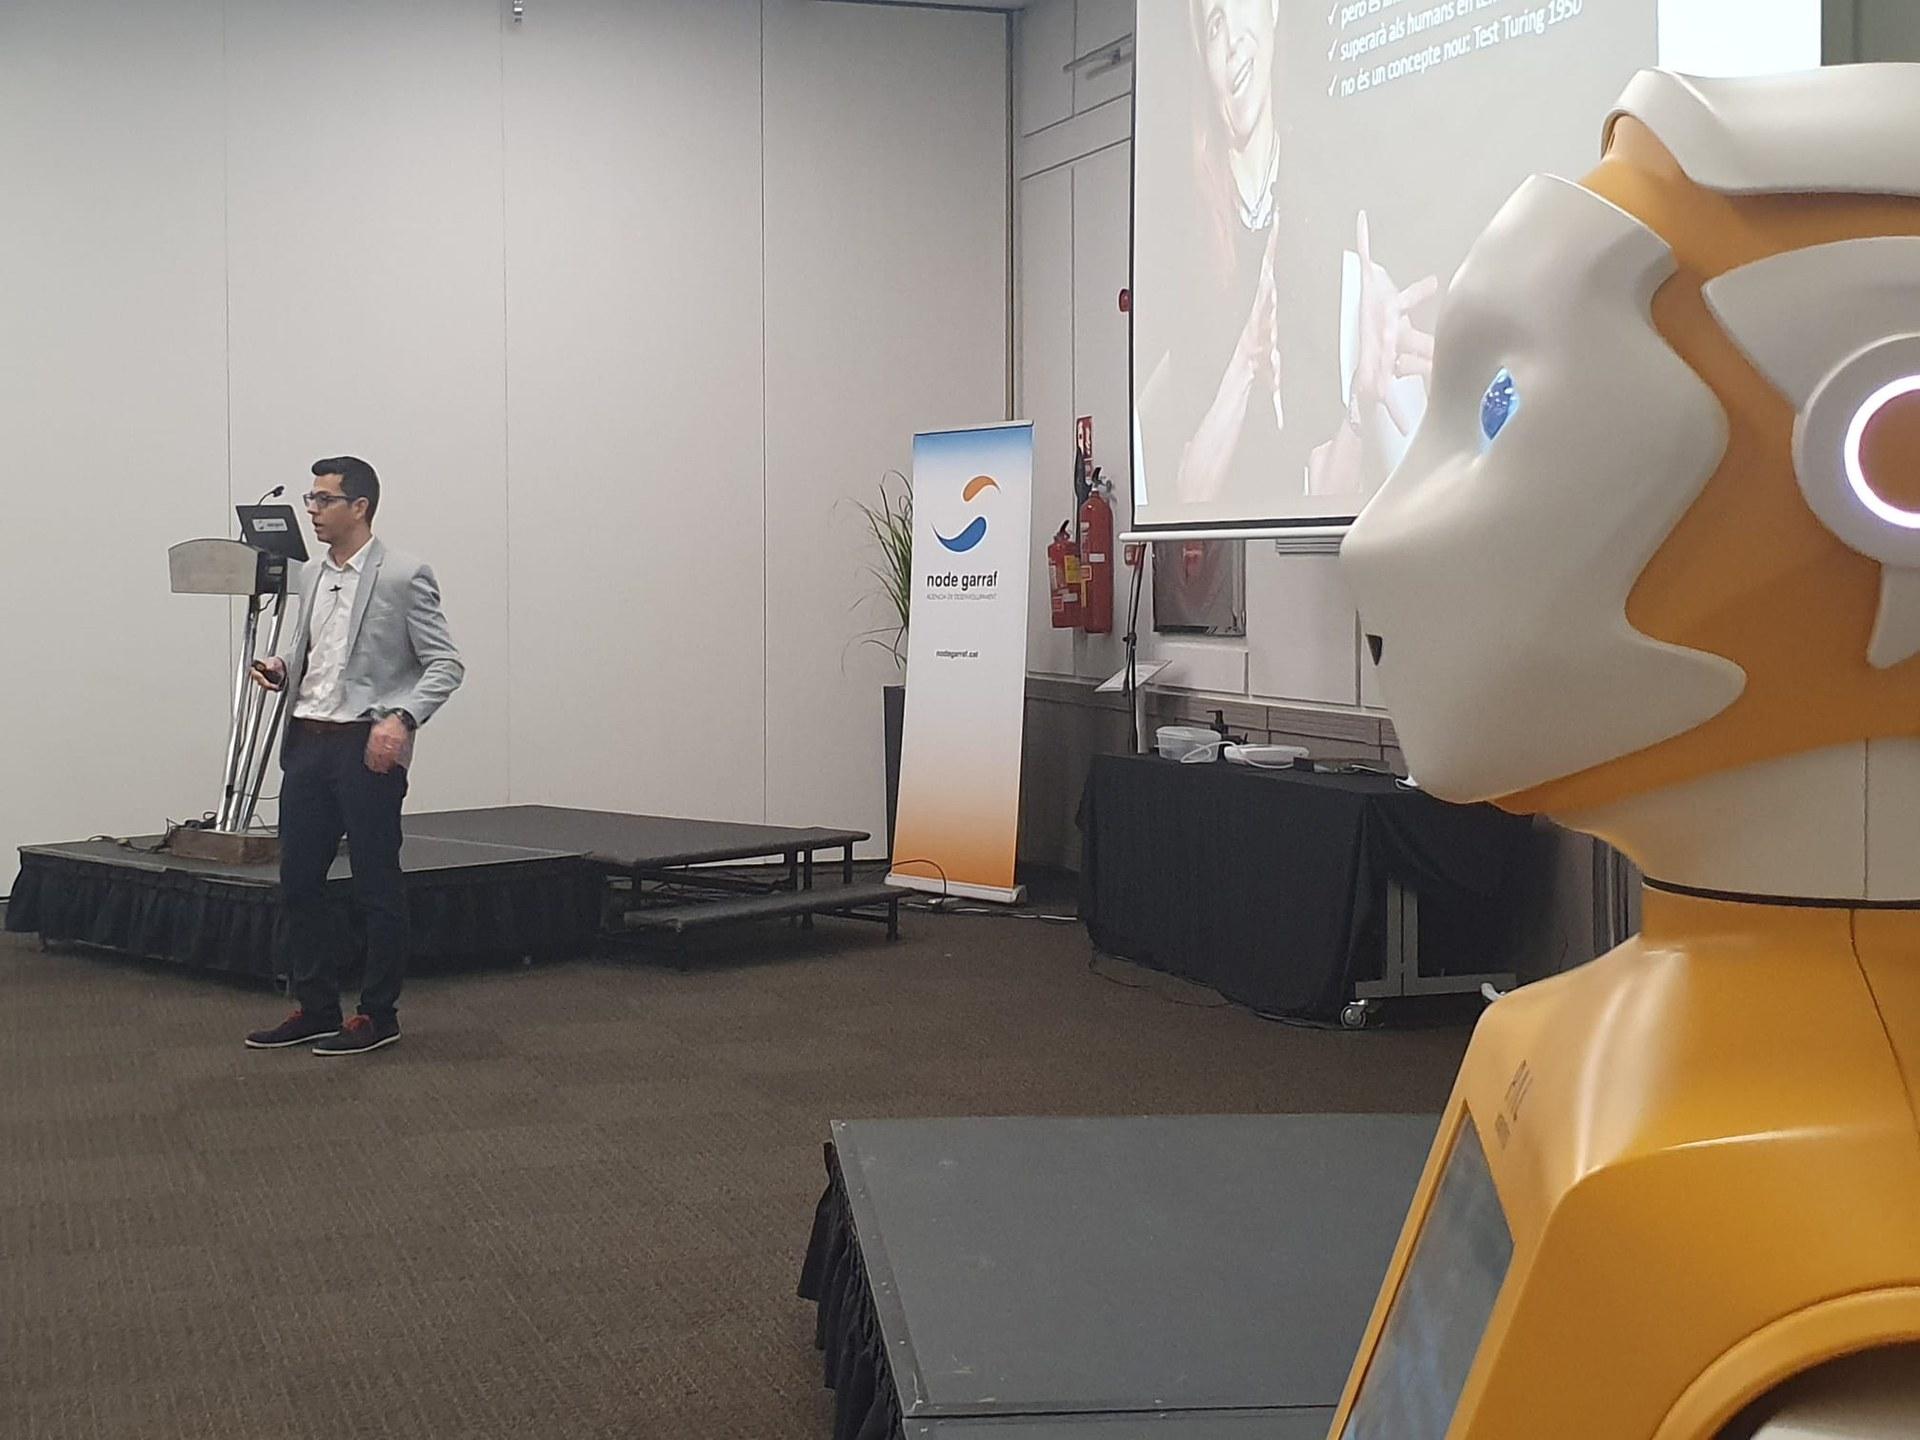 Sitges aposta per la intel·ligència artificial com a motor econòmic i de progrés en l'àmbit turístic